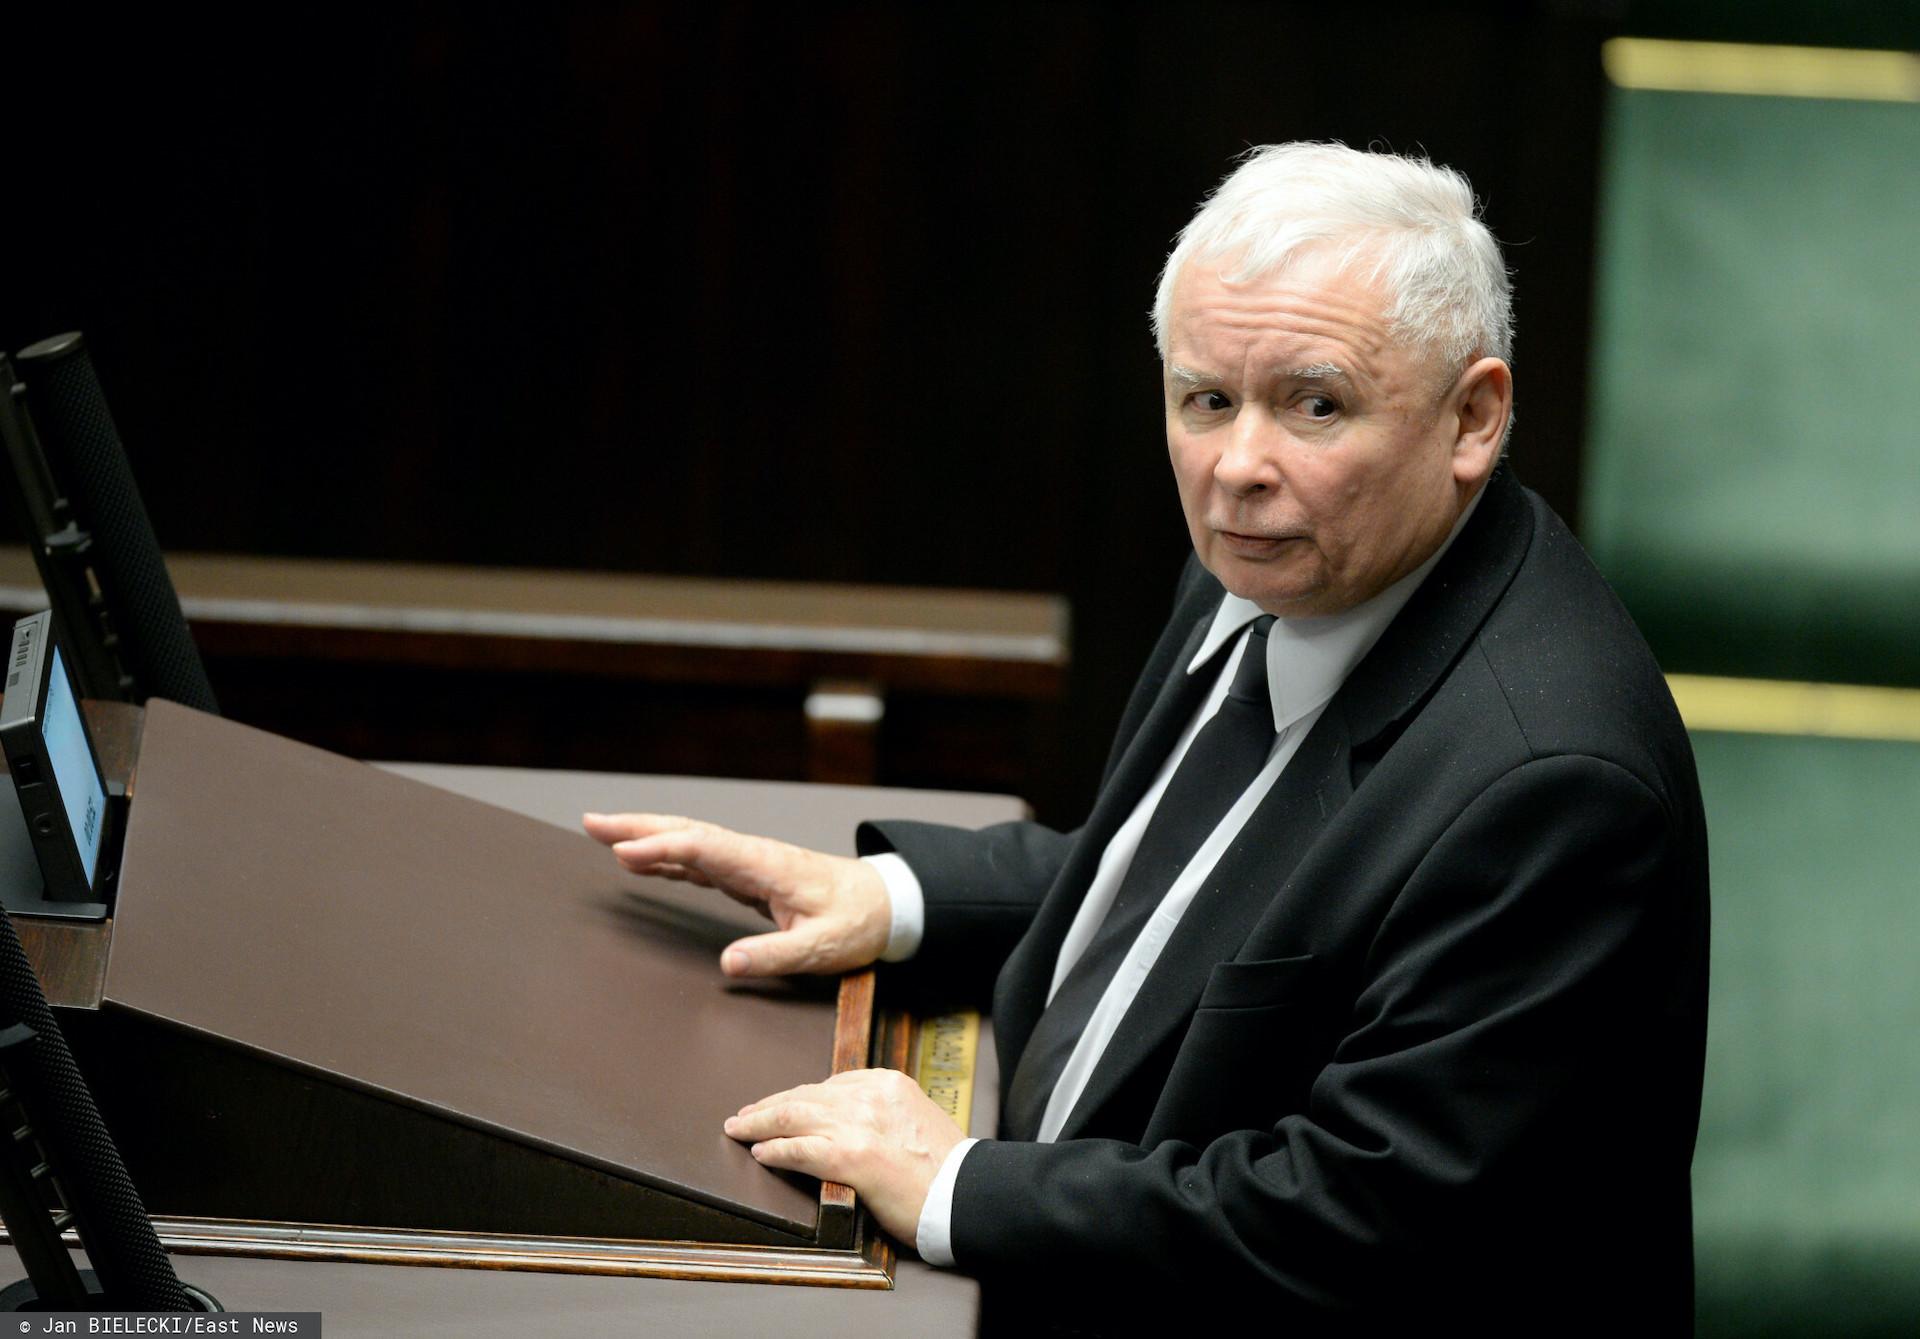 Prezes PiS Jarosław Kaczyński ukarany przez Komisję Etyki Poselskiej